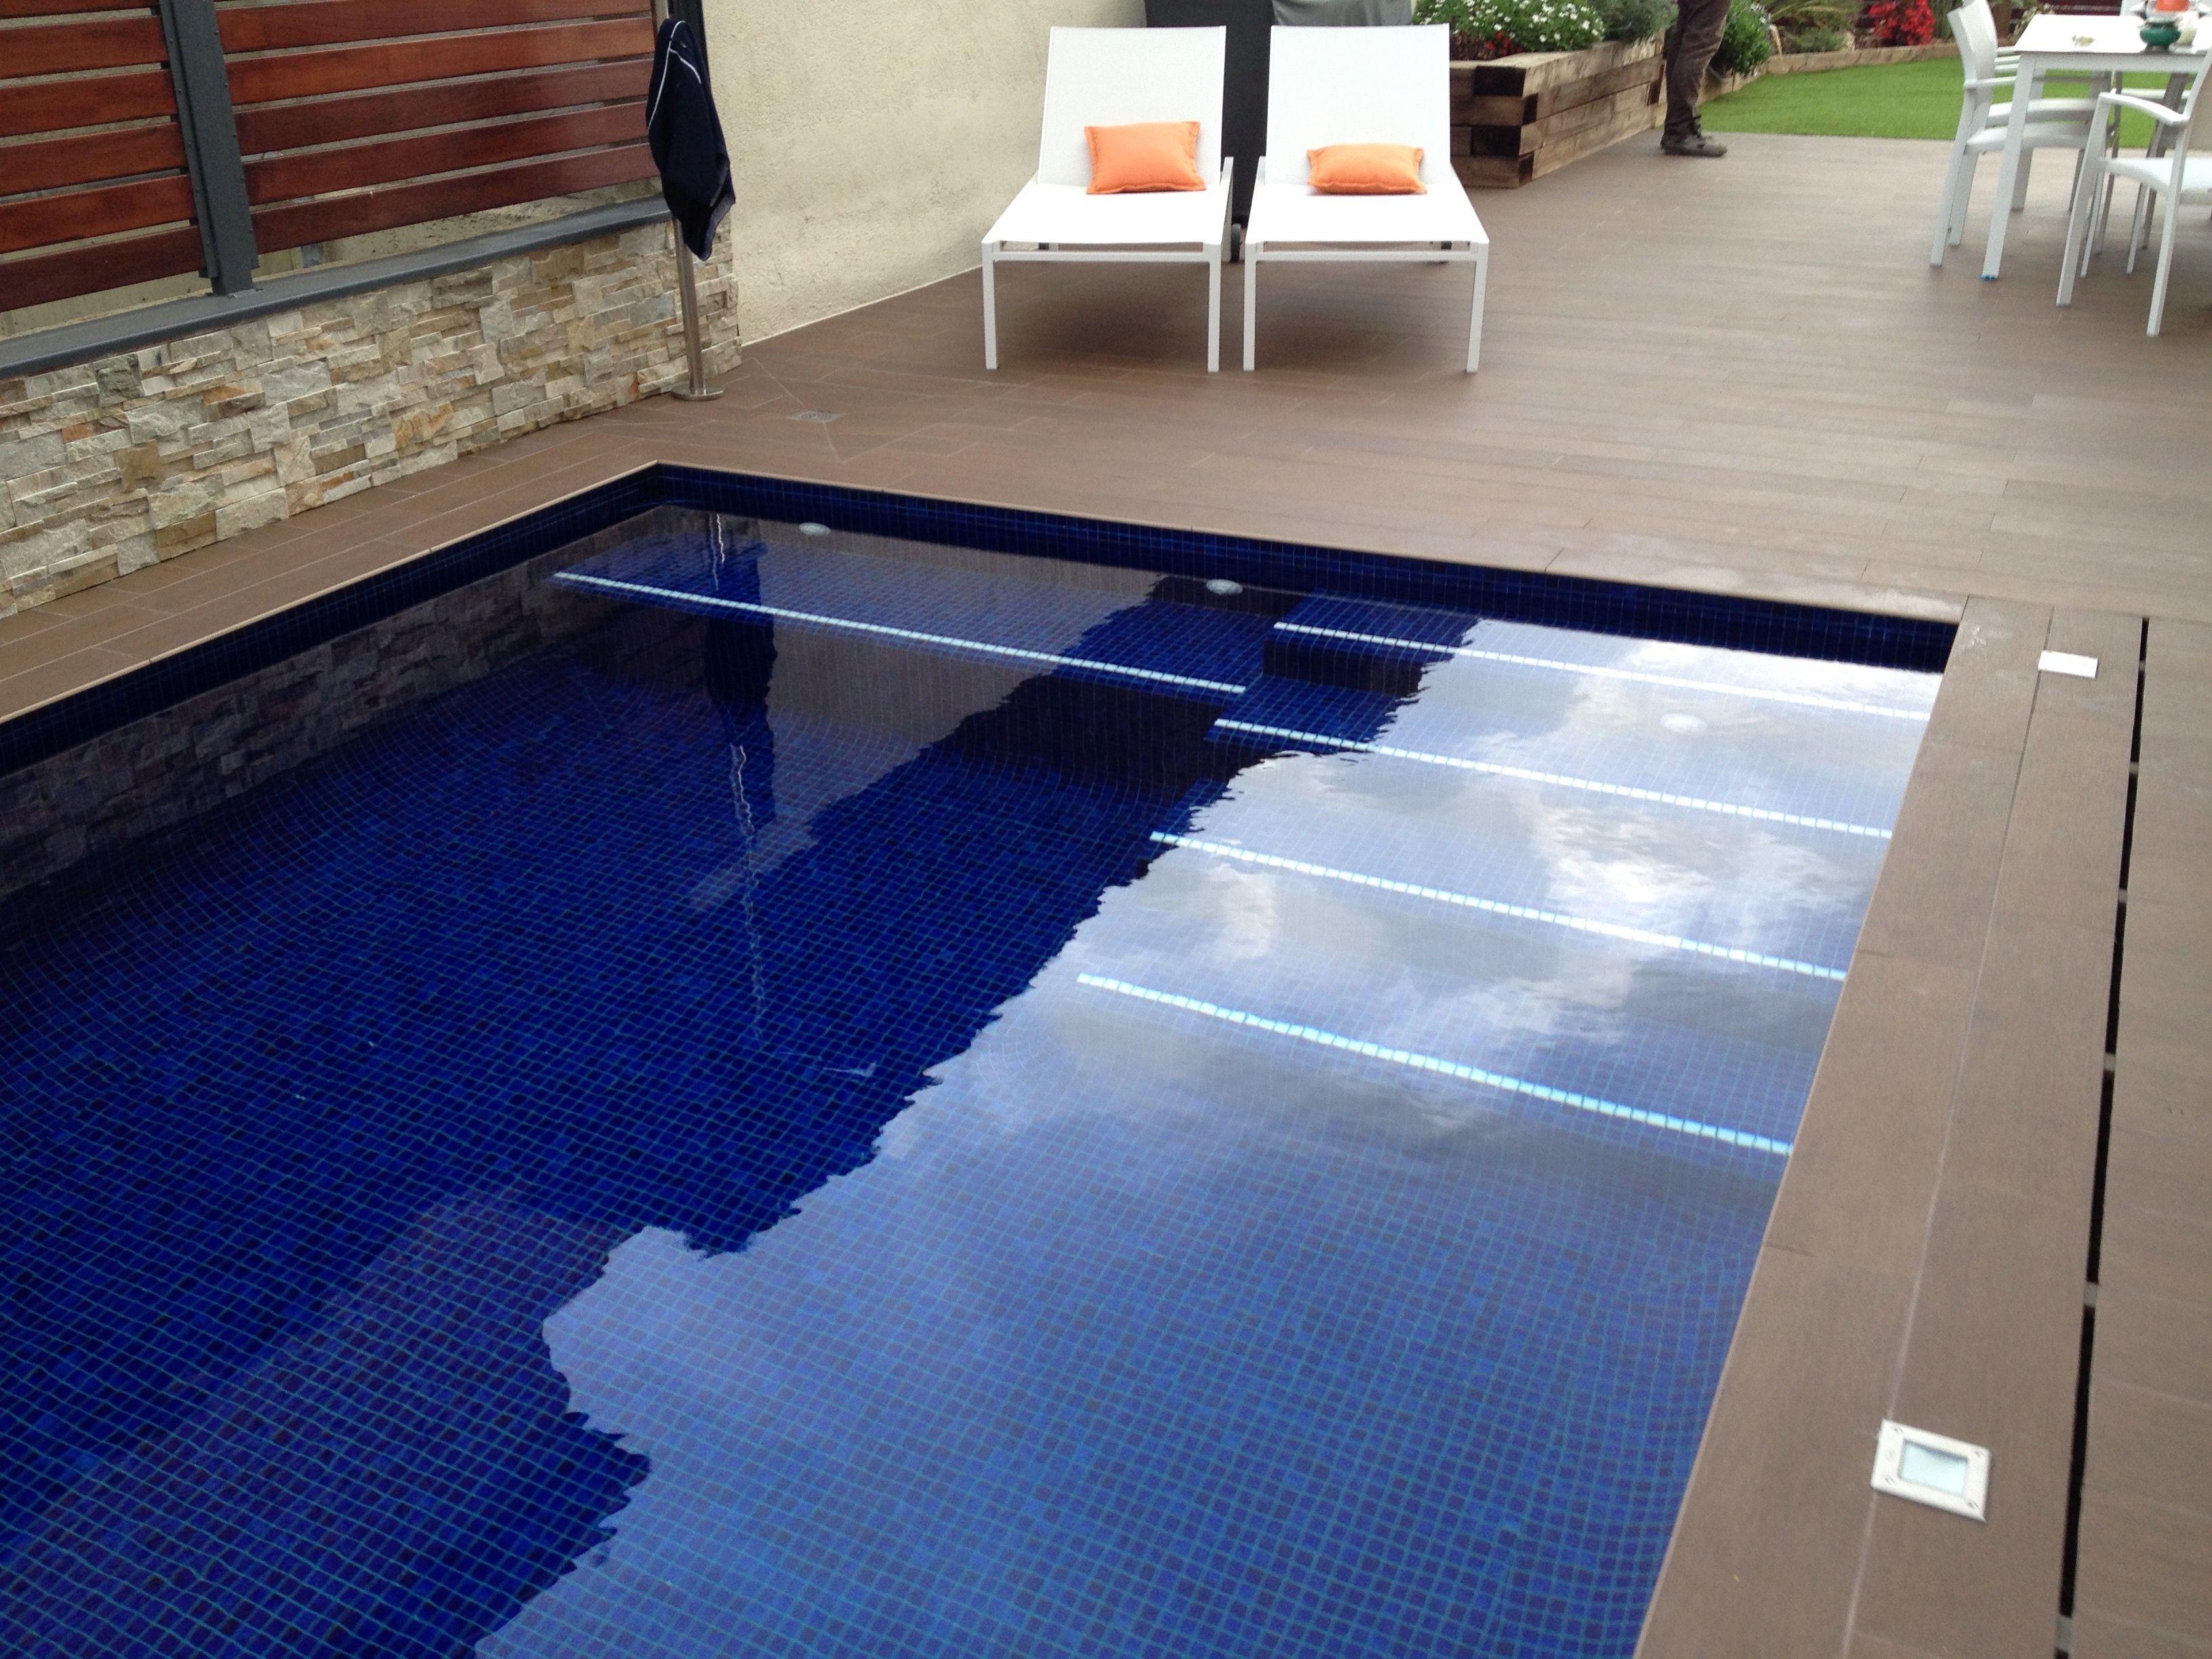 Gres para piscinas latest piscina de piscina rectangular - Gres para escaleras ...